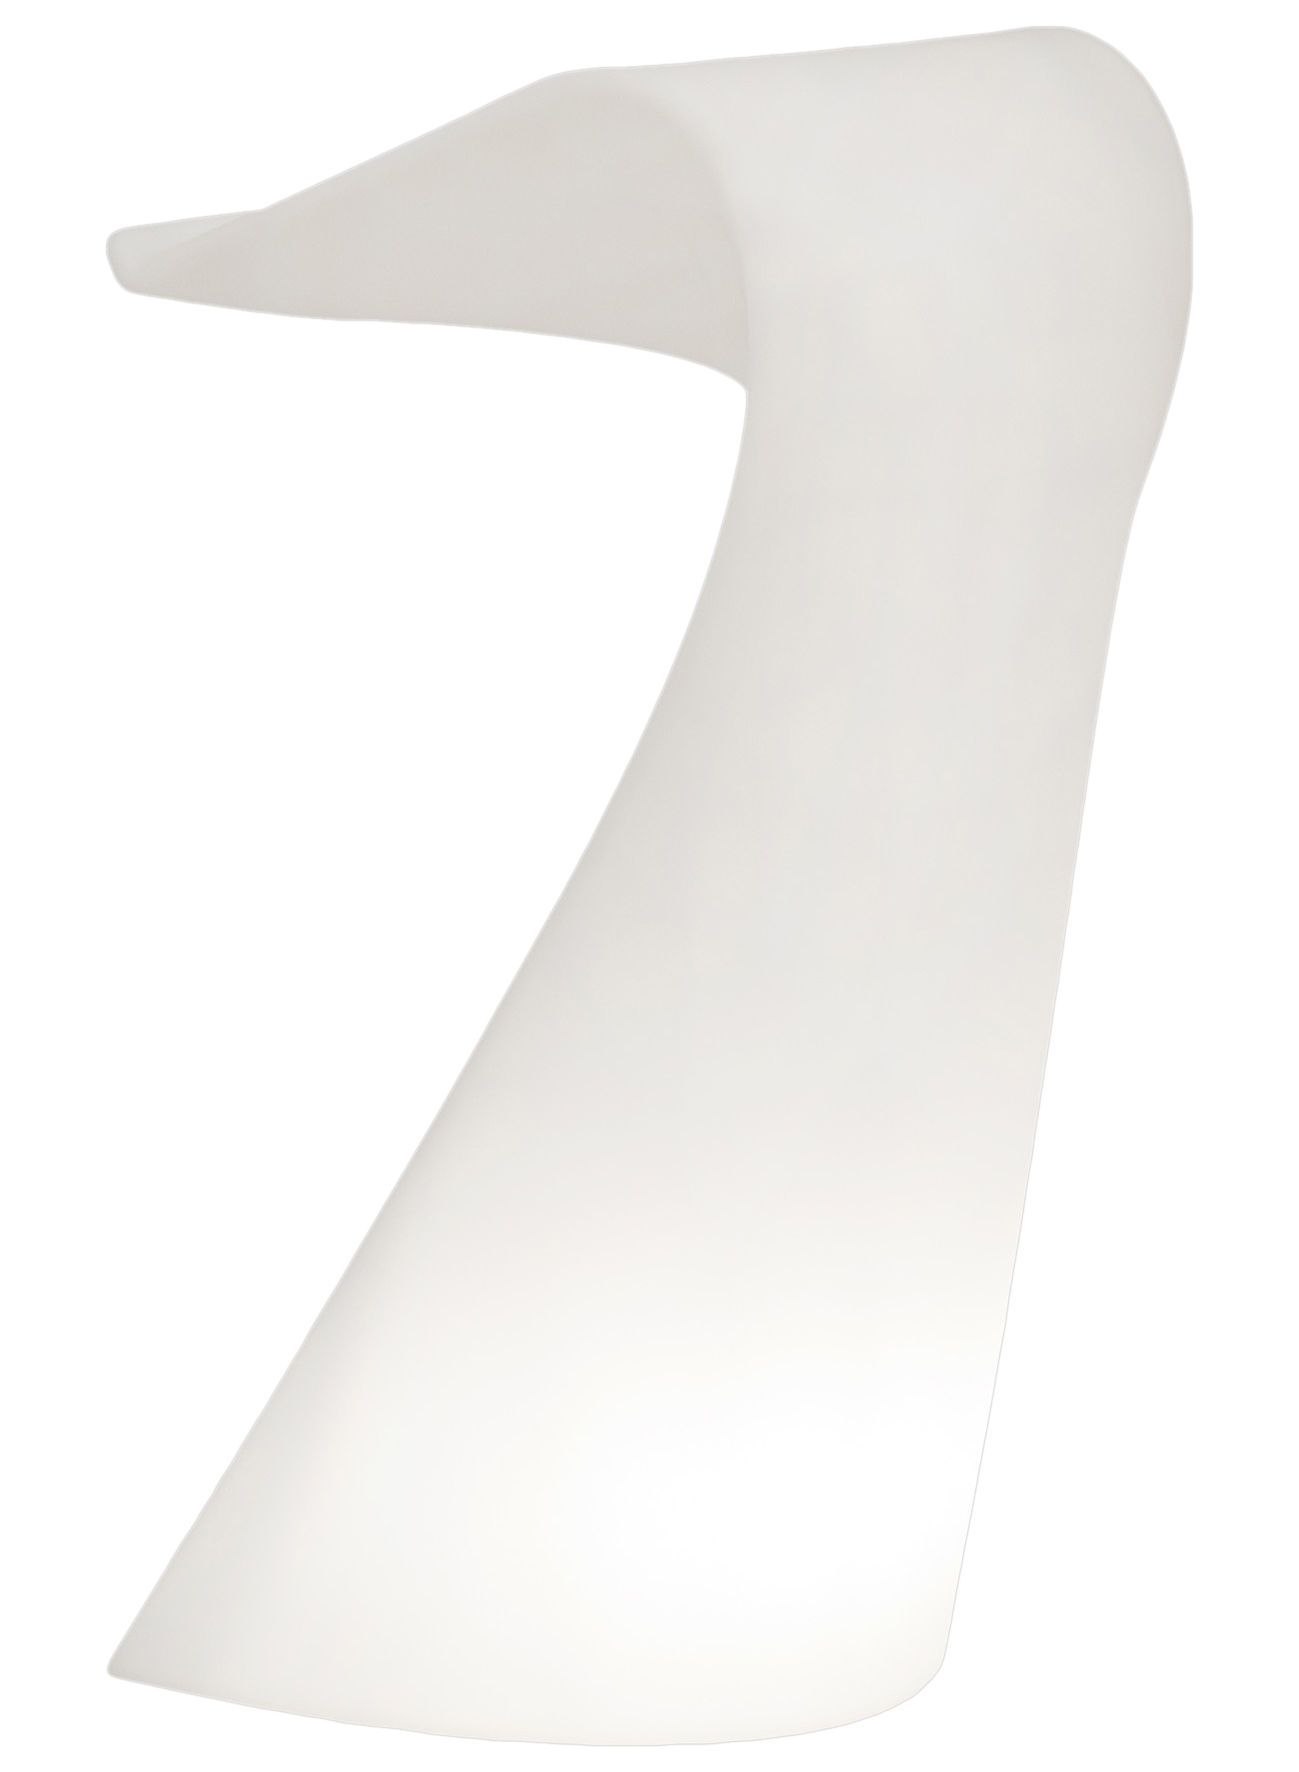 Mobilier - Bureaux - Pupitre Swish - Slide - Blanc - polyéthène recyclable